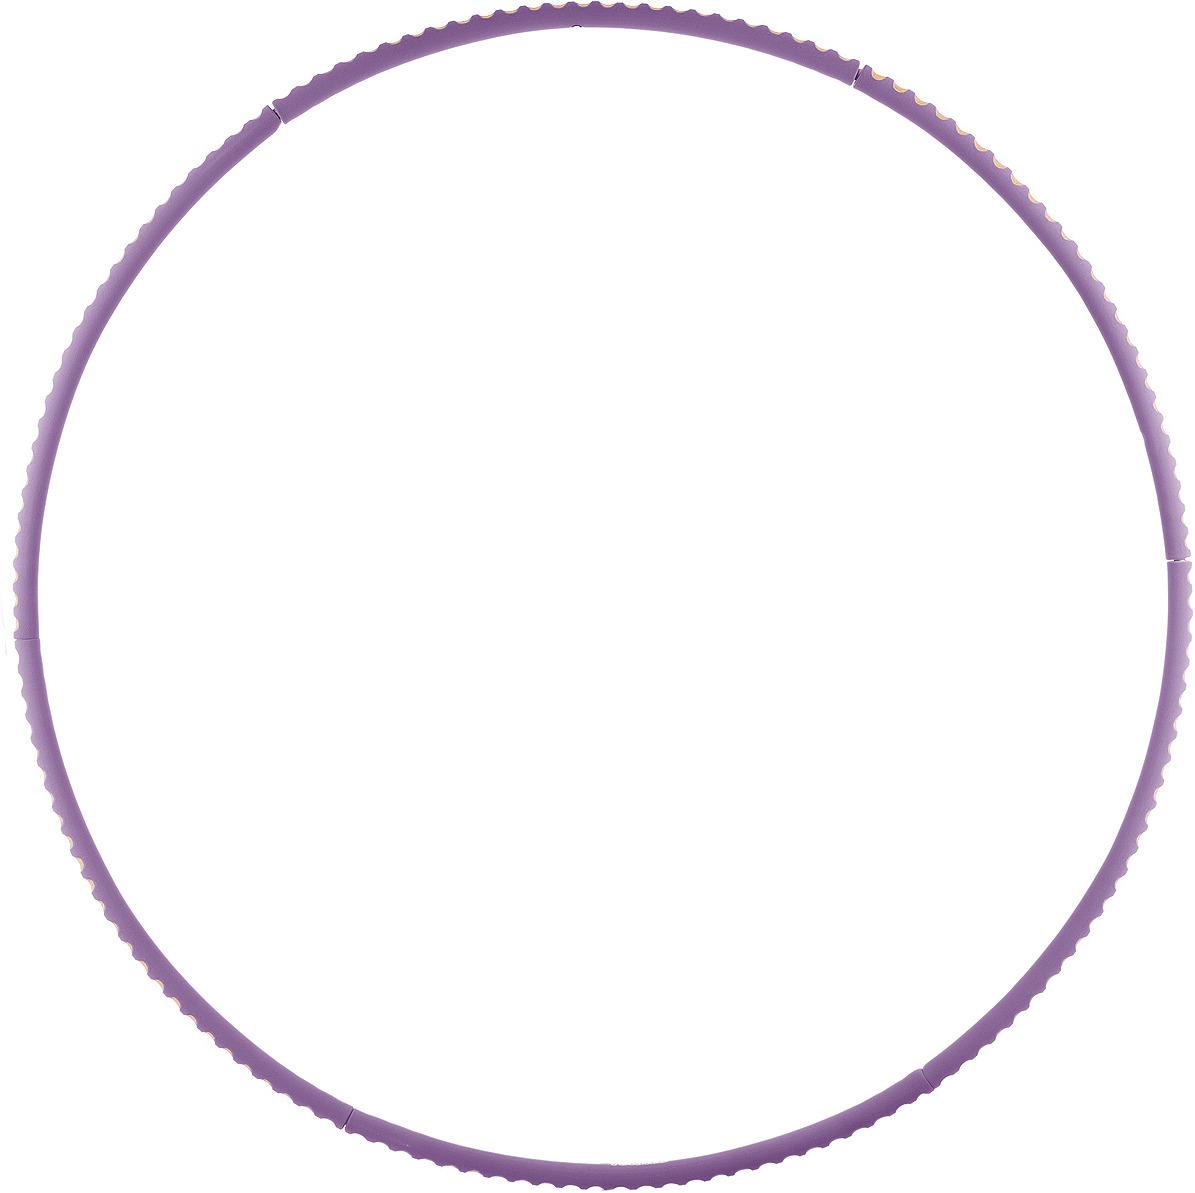 Обруч для фитнеса Torneo, цвет: розовый torneo обруч массажный torneo magic bio